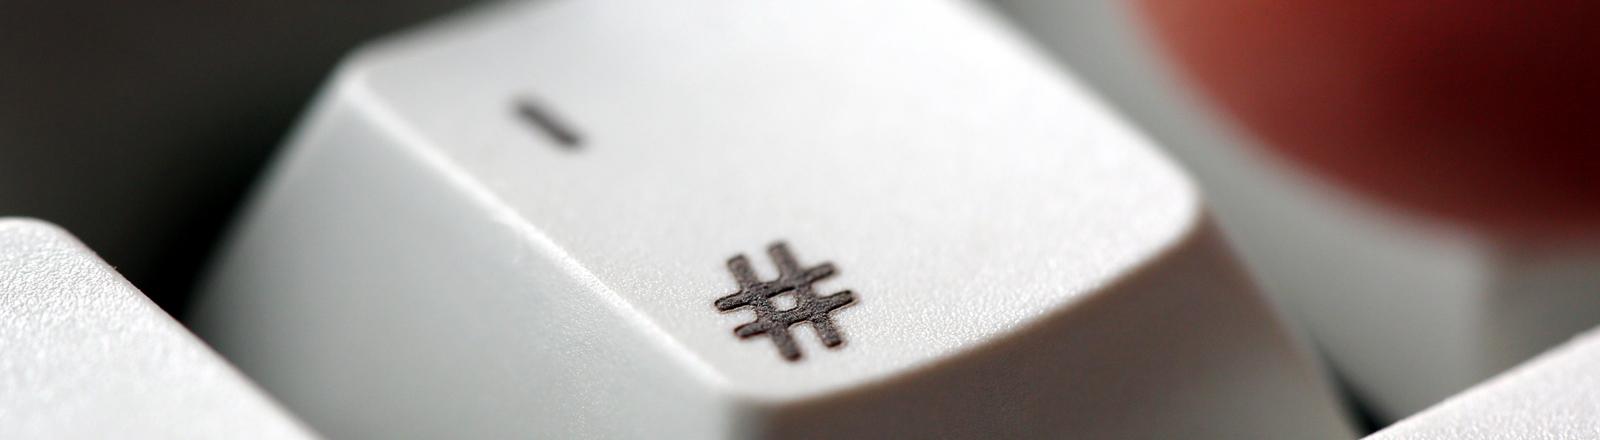 Hashtag-Symbol auf einer Computertaste